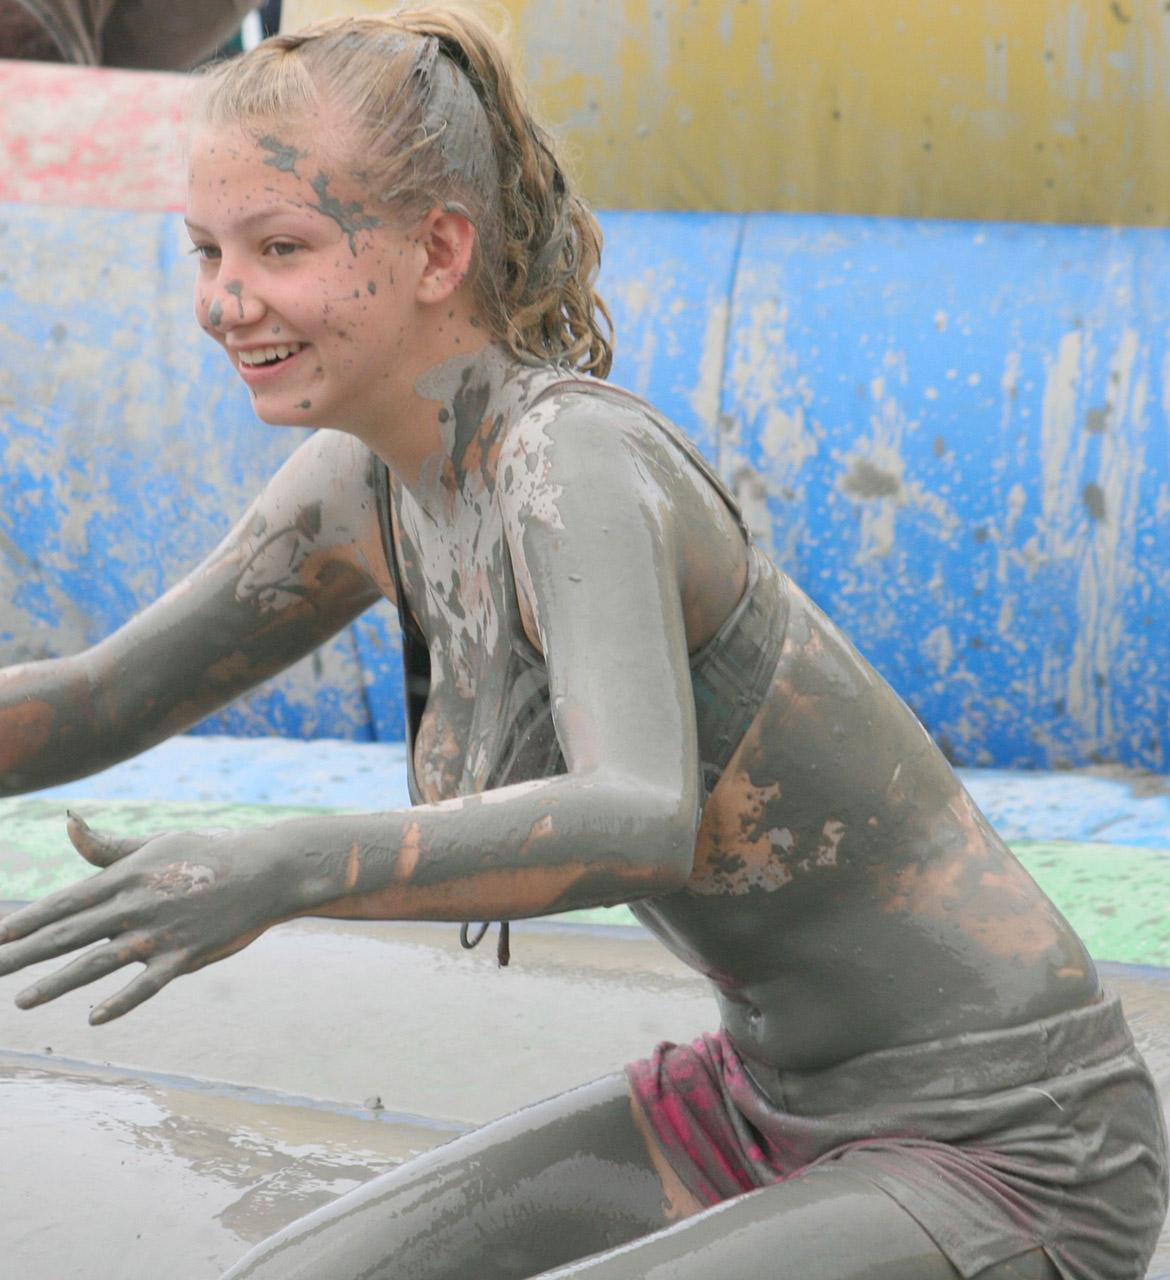 【泥エロ画像】泥祭的なアレで全身泥まみれになっているアレを見て勃起してもうたwww 33